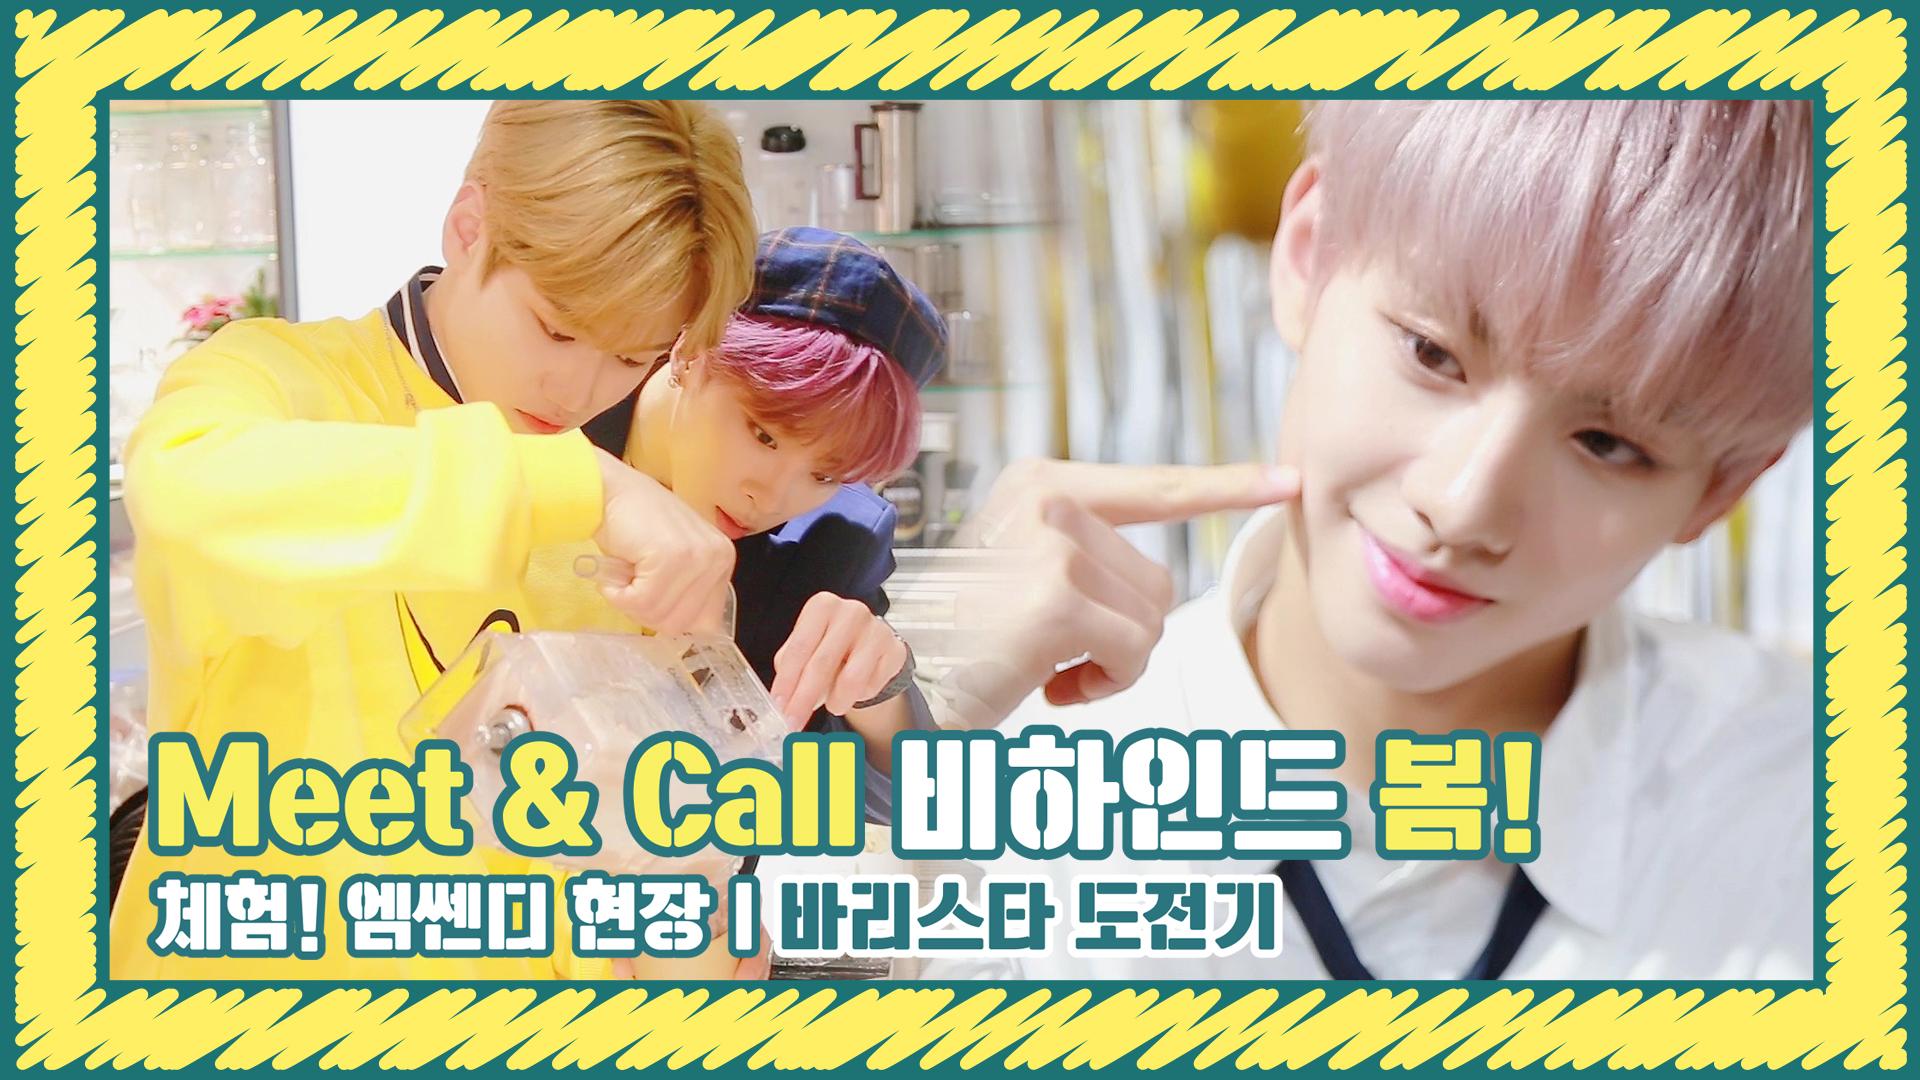 [Let's Play MCND] M-HINDㅣ체험! 엠쎈디 바리스타 현장☕ㅣ 네 번째 Meet & Call 팬사인회 비하인드!